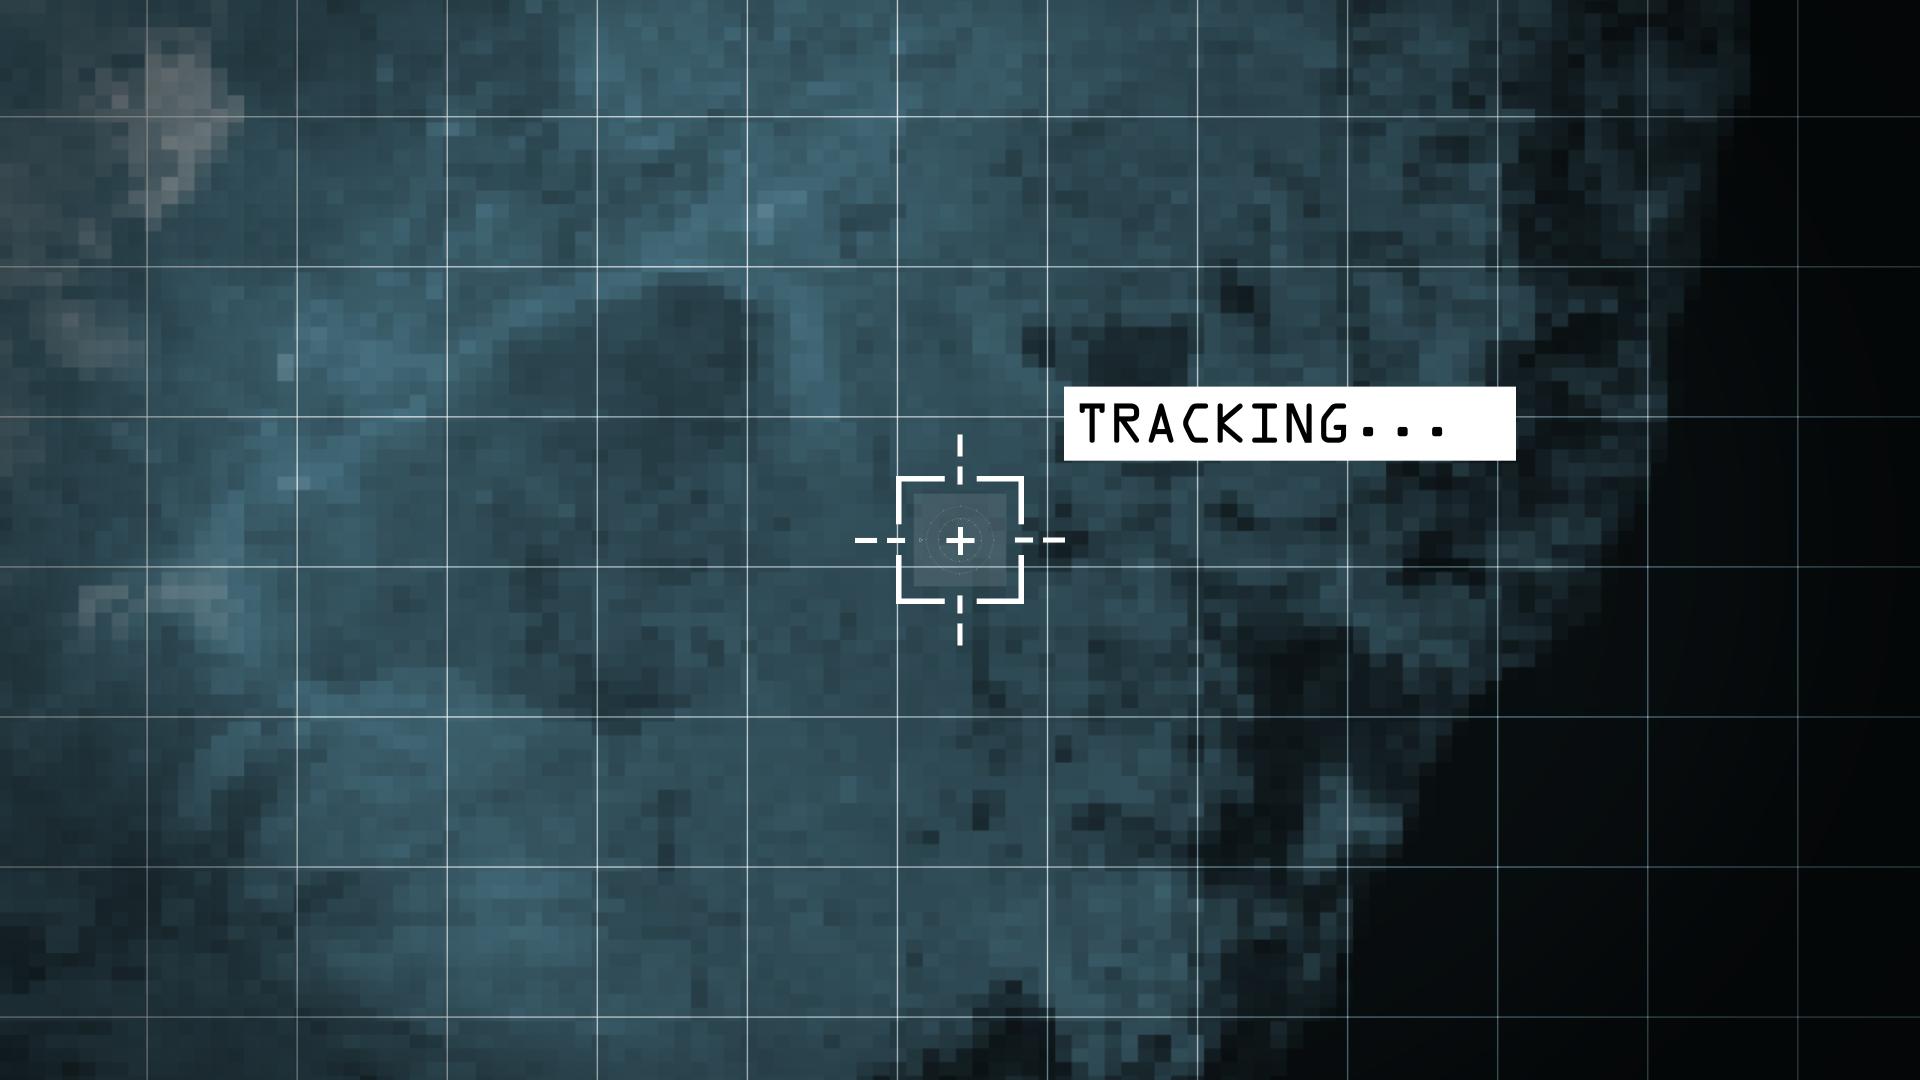 satellite_tracking2 Satellite Tracker Map on street tracker, radar tracker, phone tracker, sky tracker, lightning tracker, energy tracker, sun tracker, laser tracker,